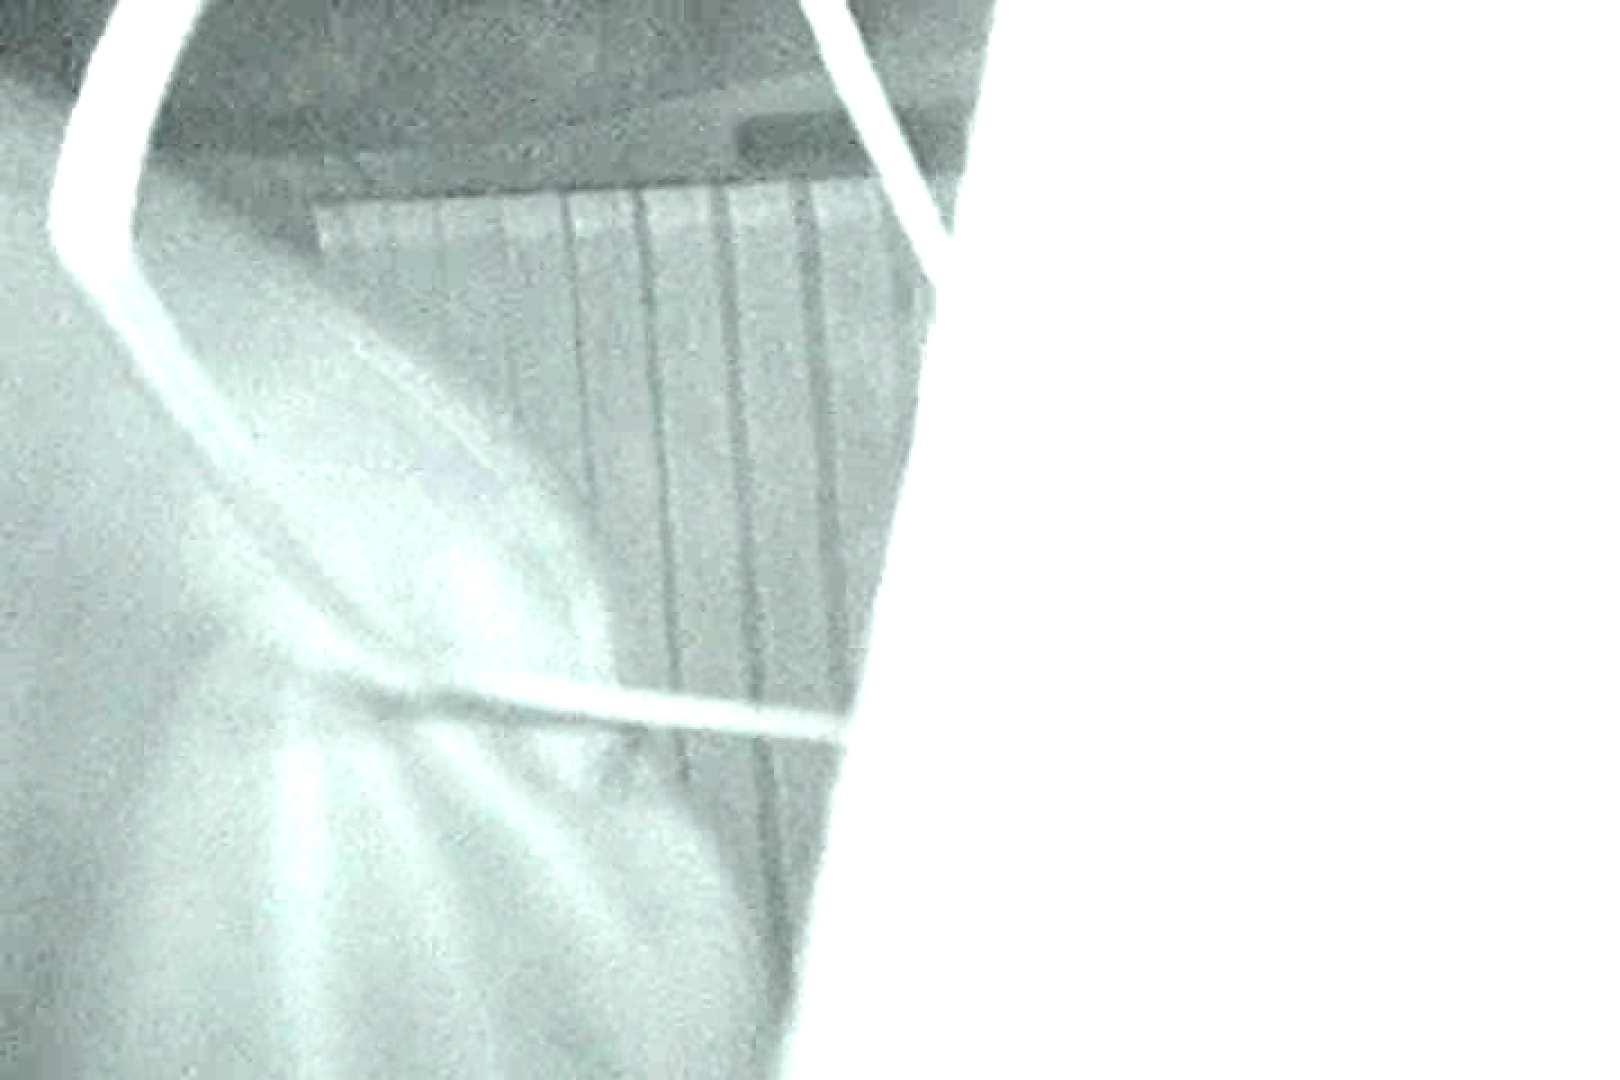 充血監督の深夜の運動会Vol.12 カップルのセックス | OLヌード天国  91PIX 40